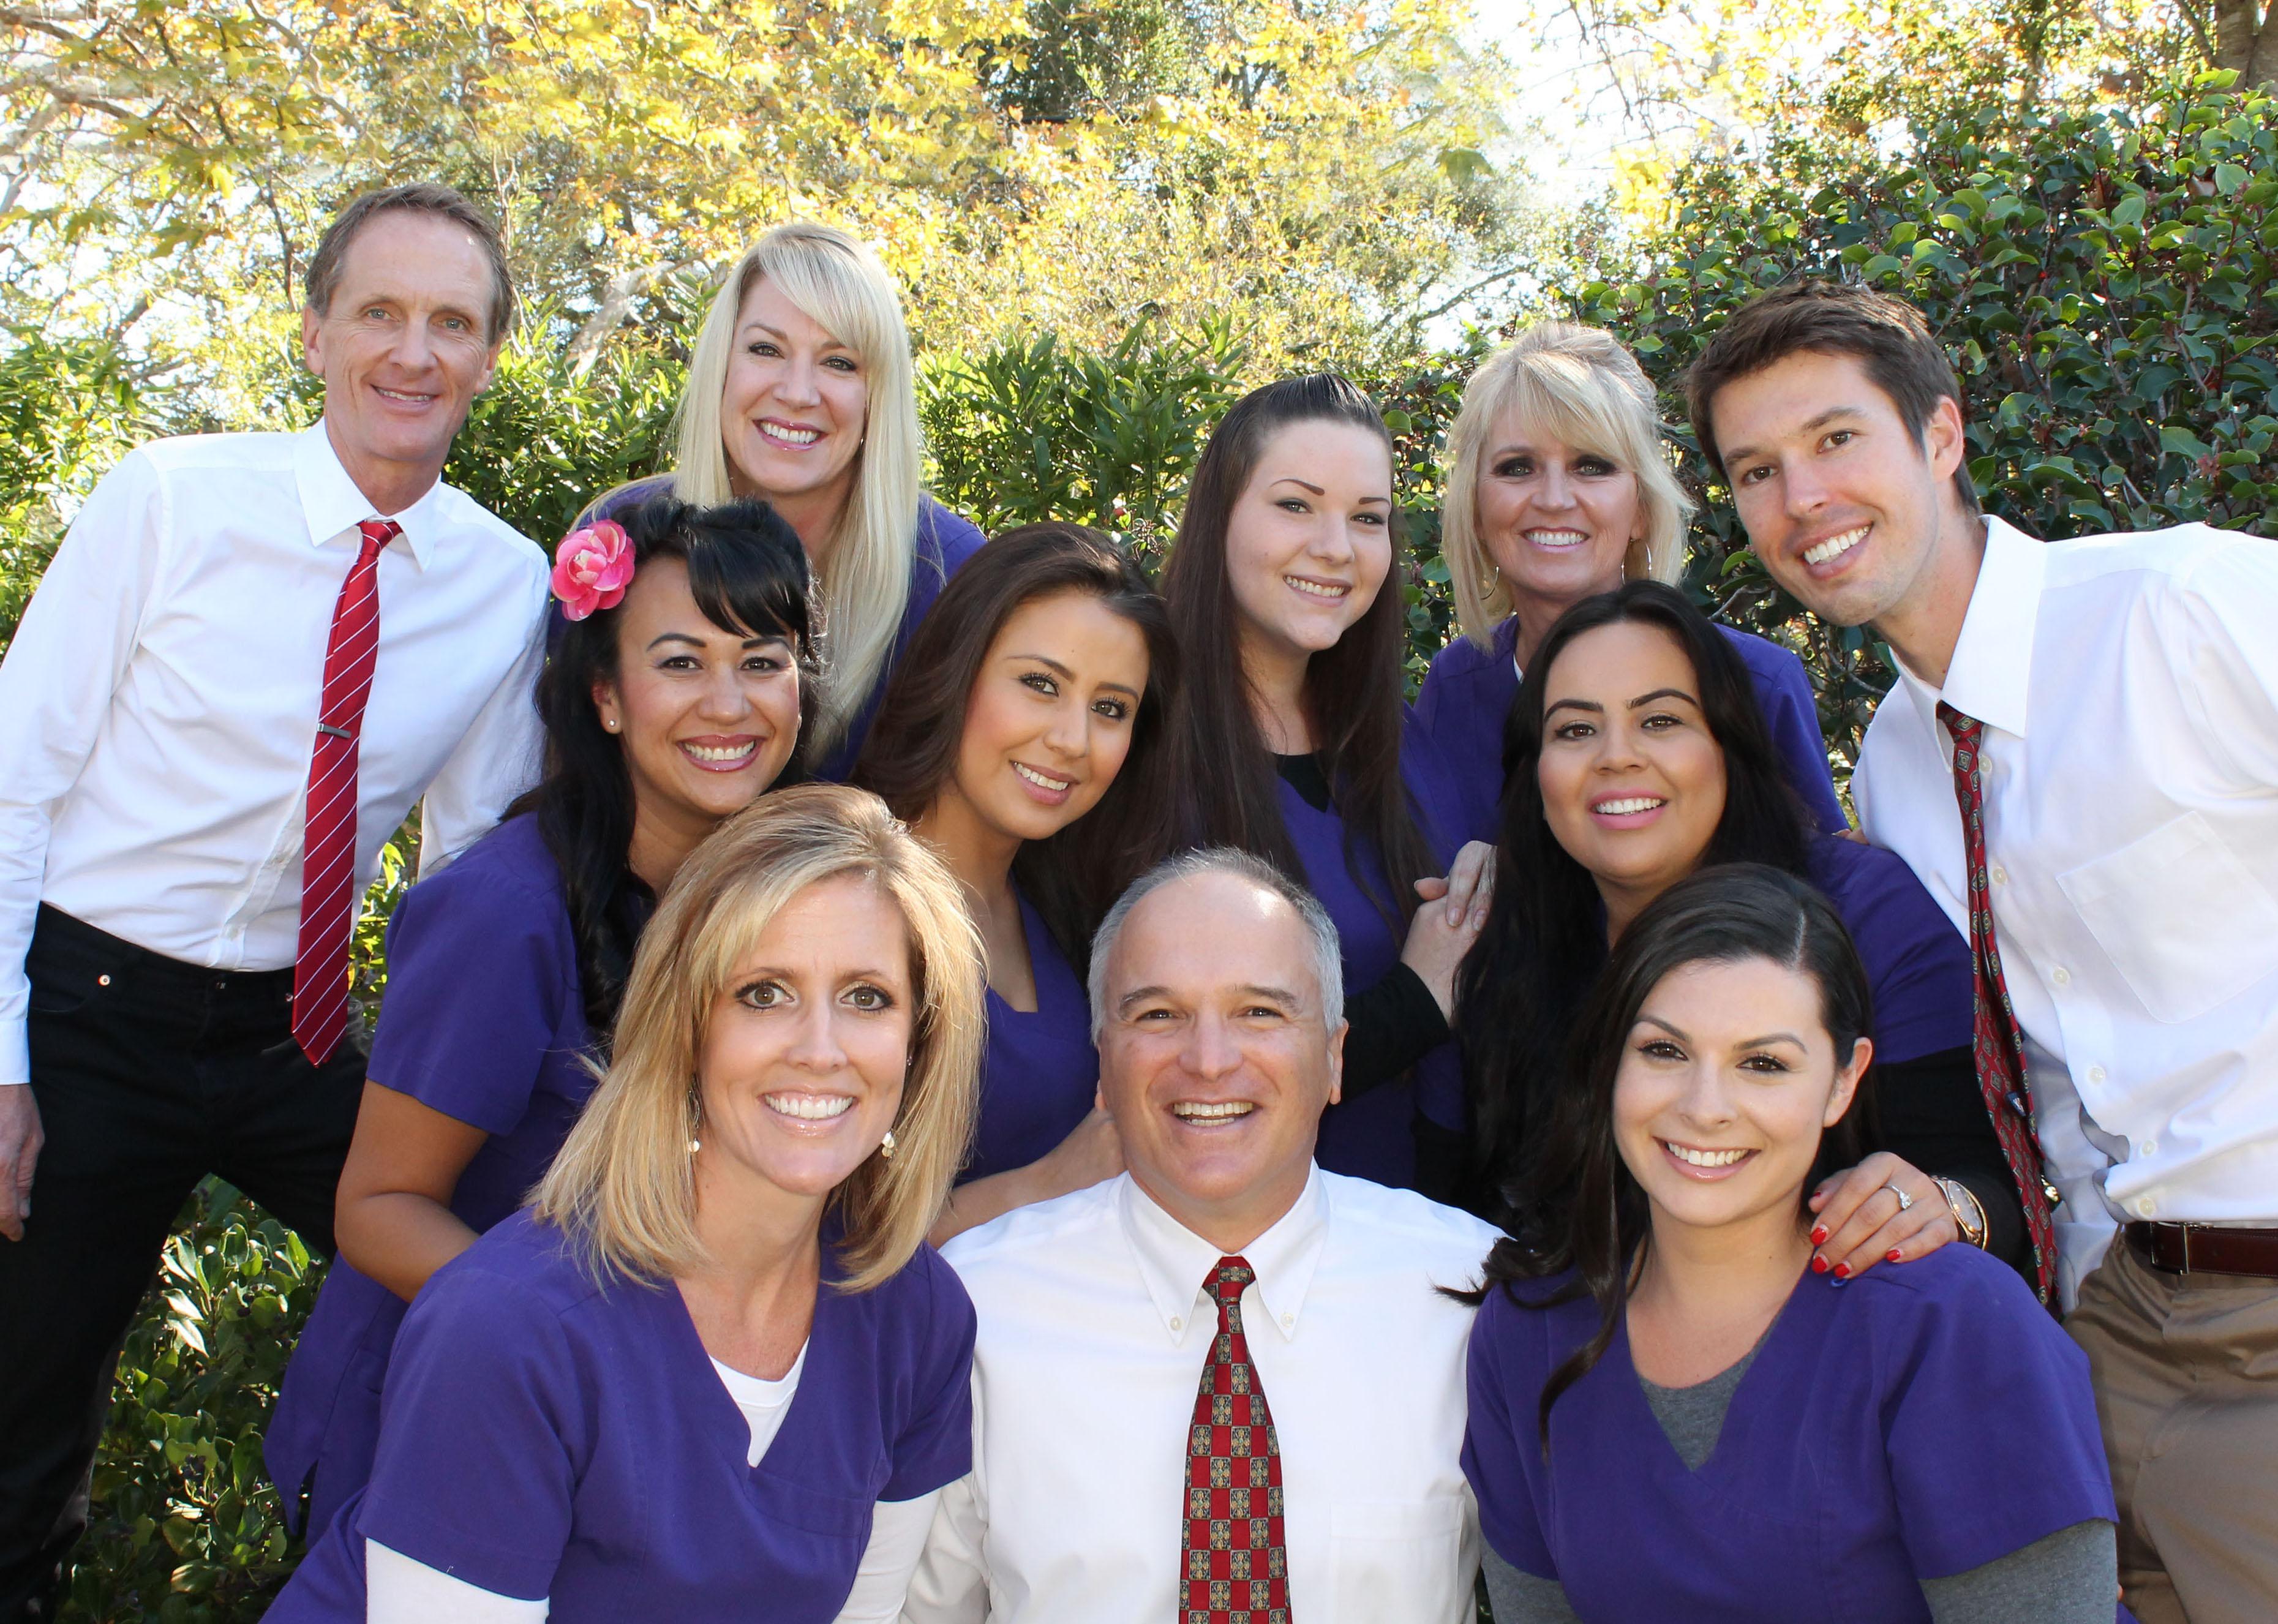 Drs. Edstrom, Trigonis & Swenson & Team